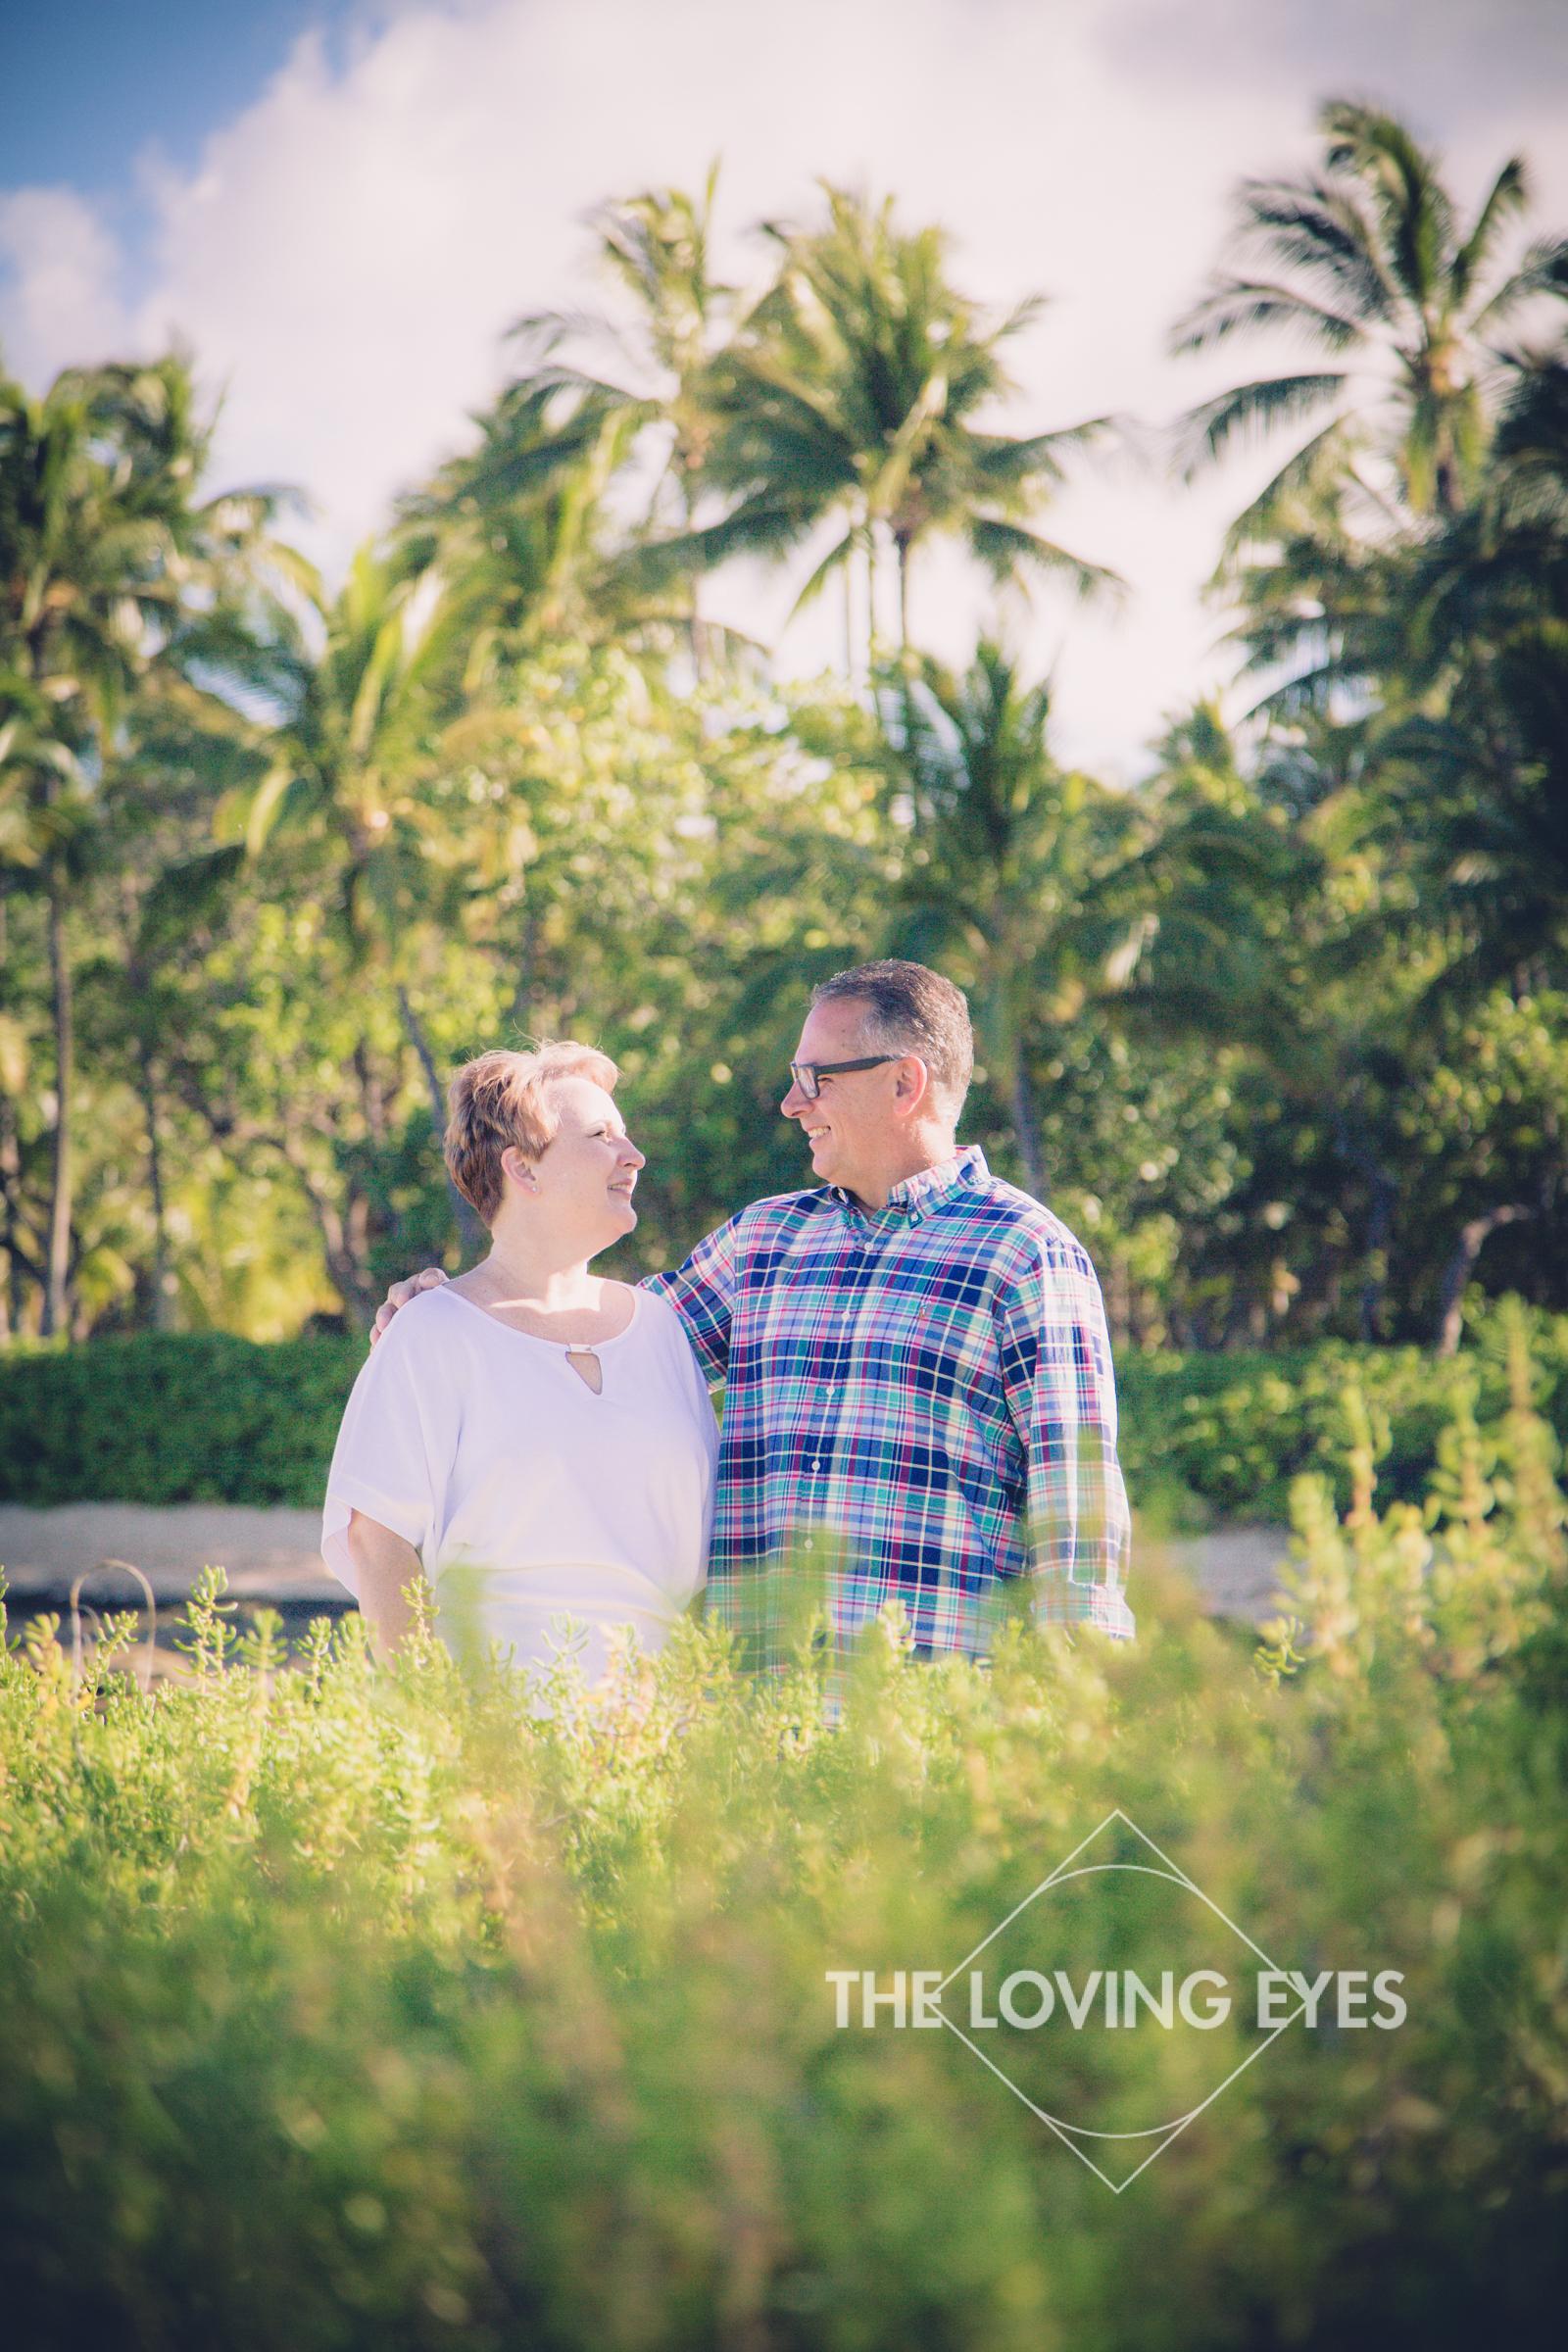 Hawaii family vacation photo at Ko Olina-3.jpg